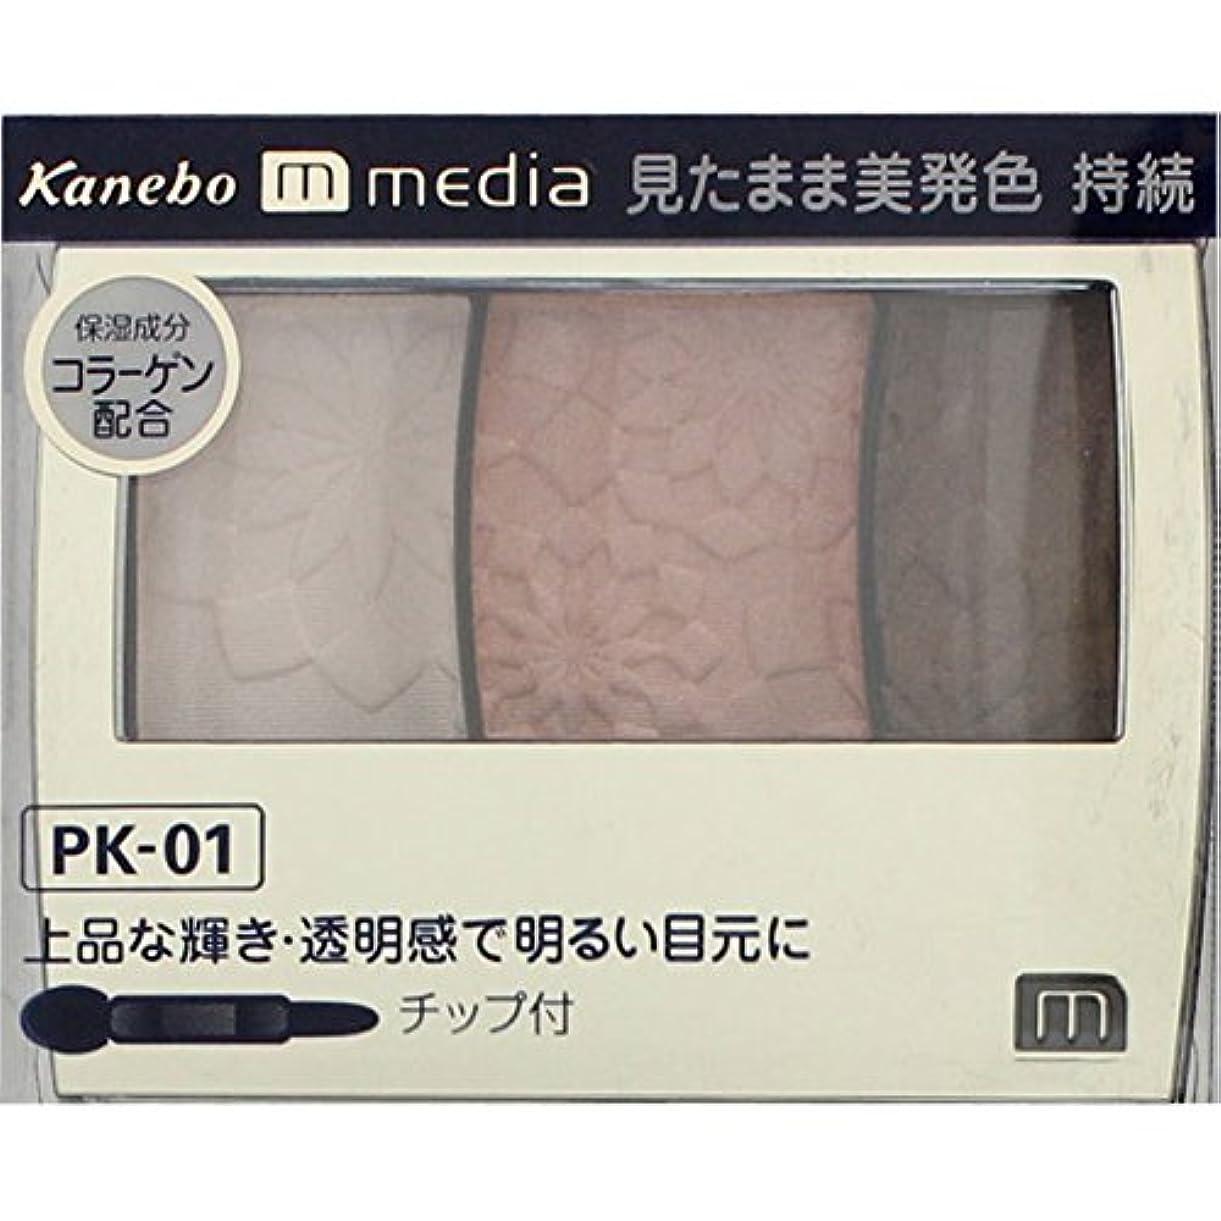 円形図書館黒板【カネボウ】 メディア グラデカラーアイシャドウ PK-01